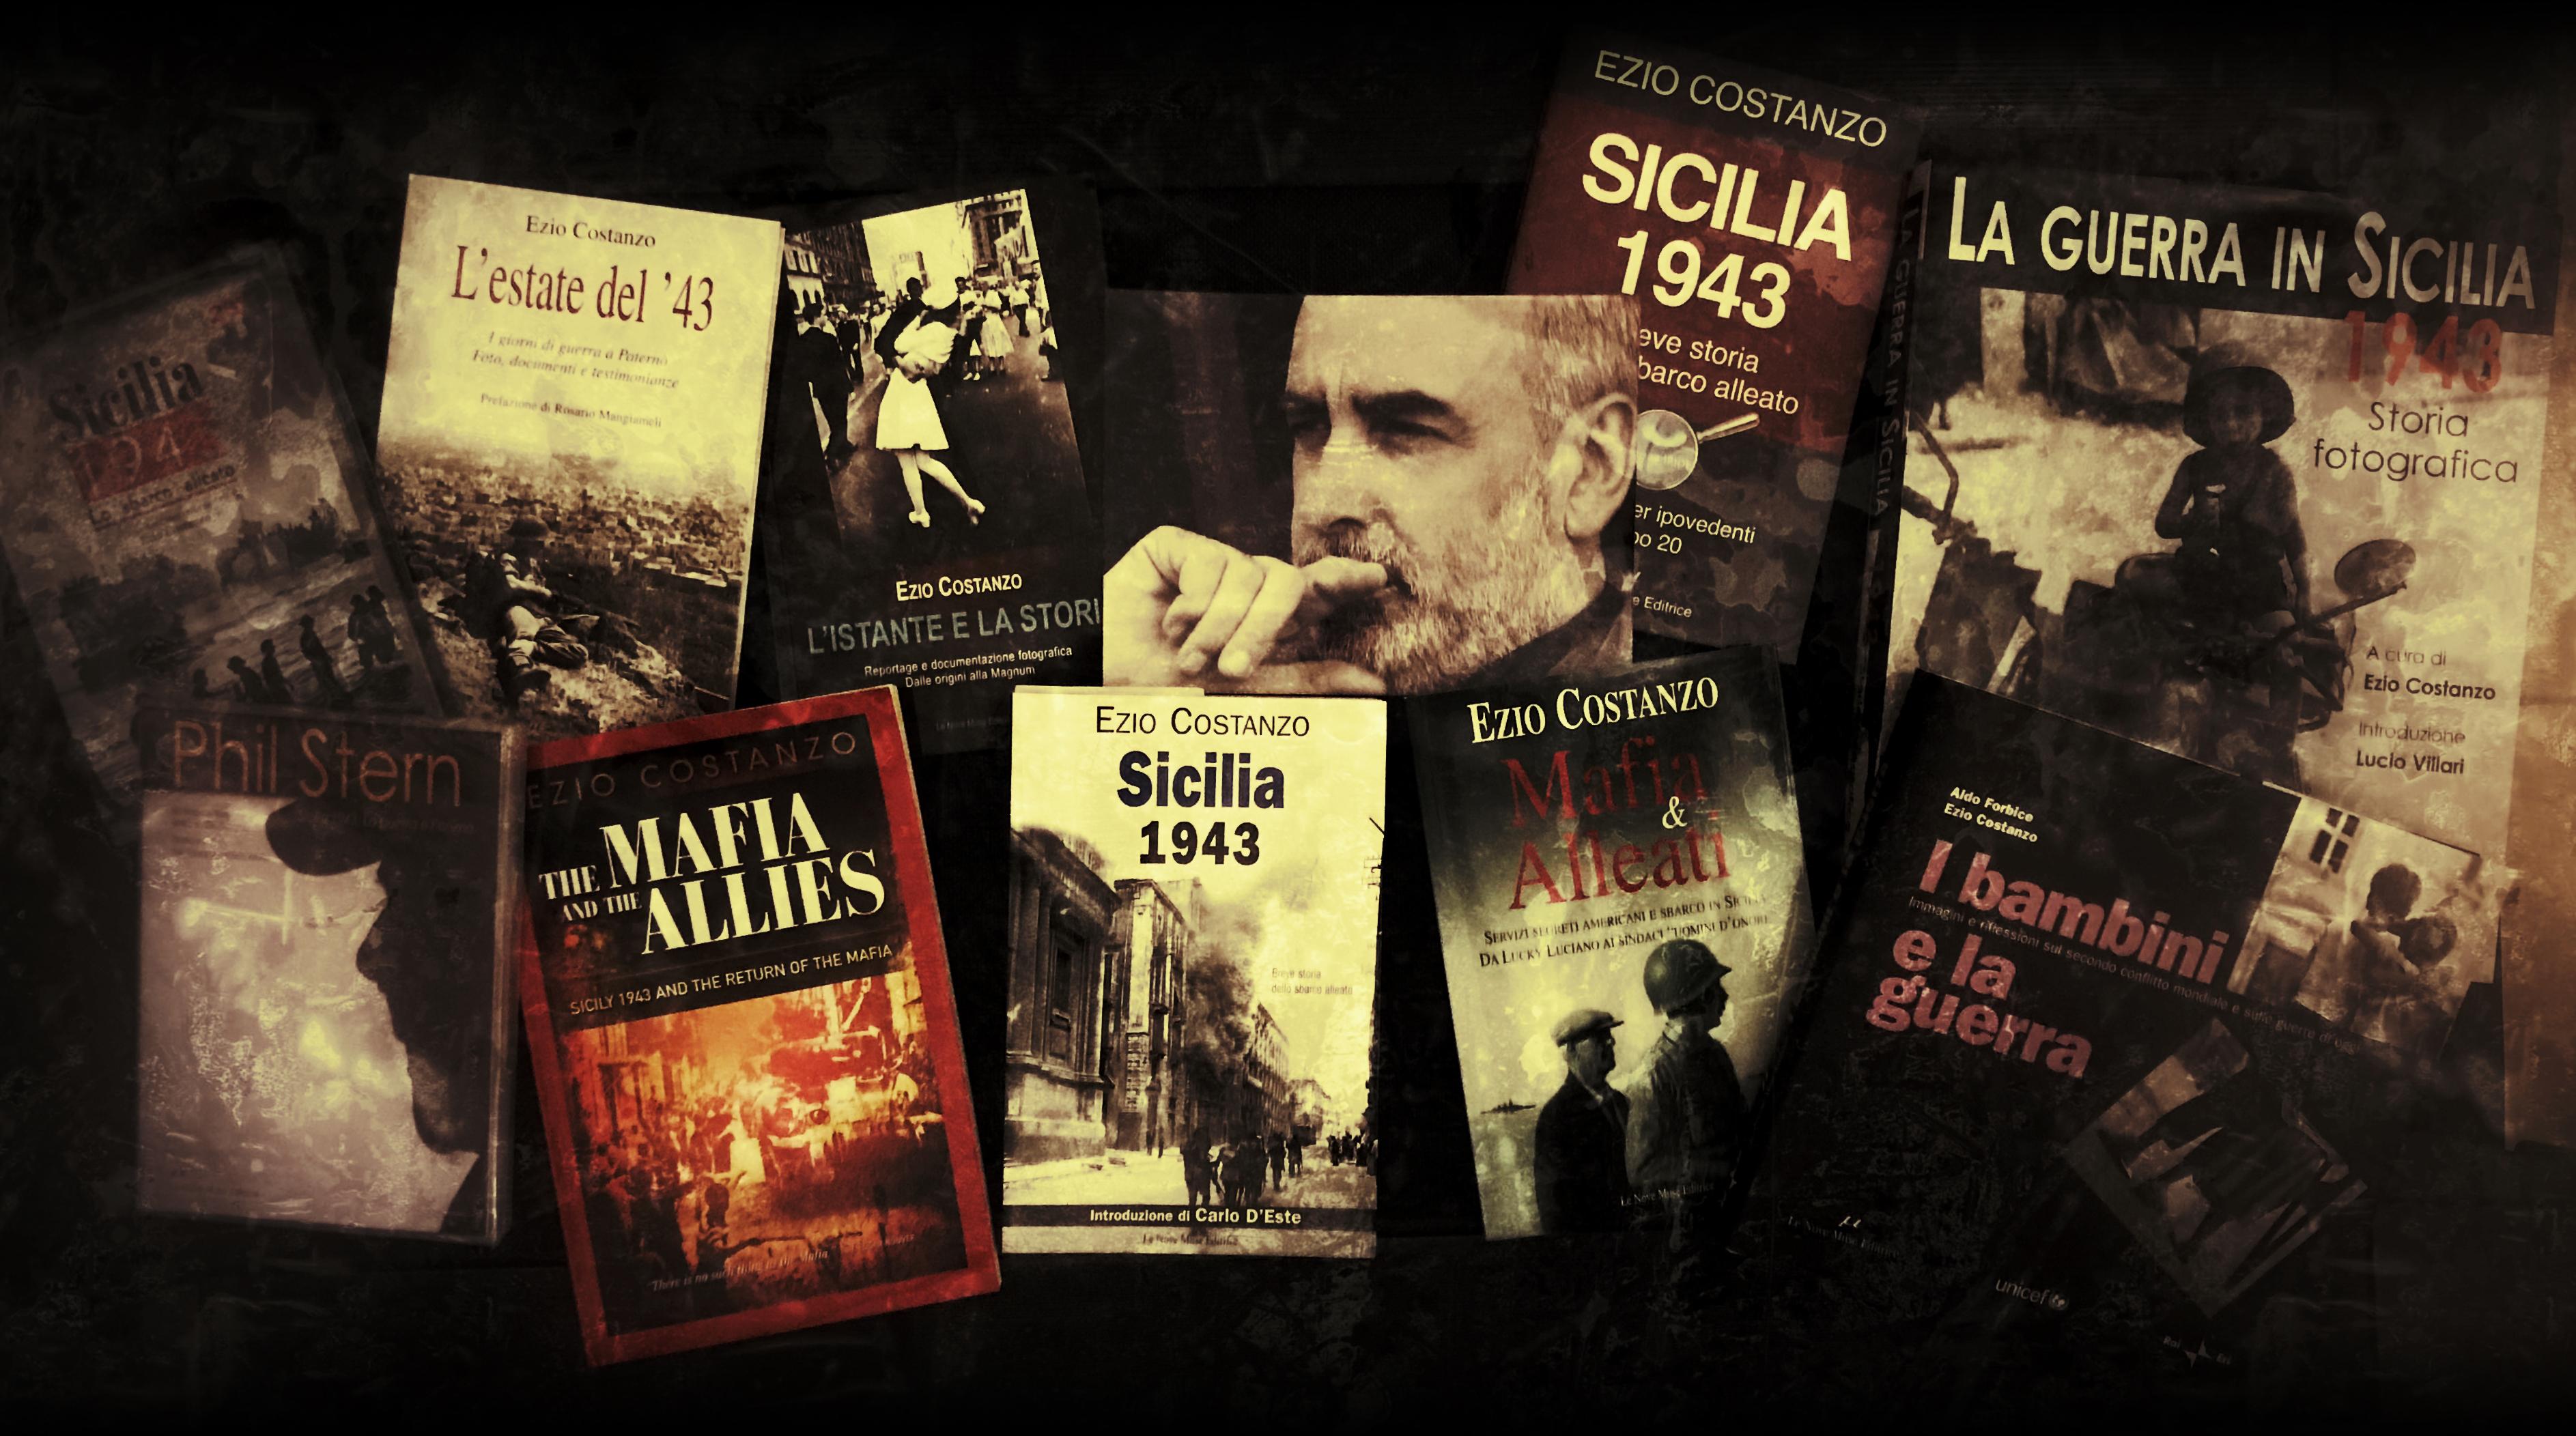 Ezio Costanzo lo storico che ha riportato Phil Stern in Sicilia